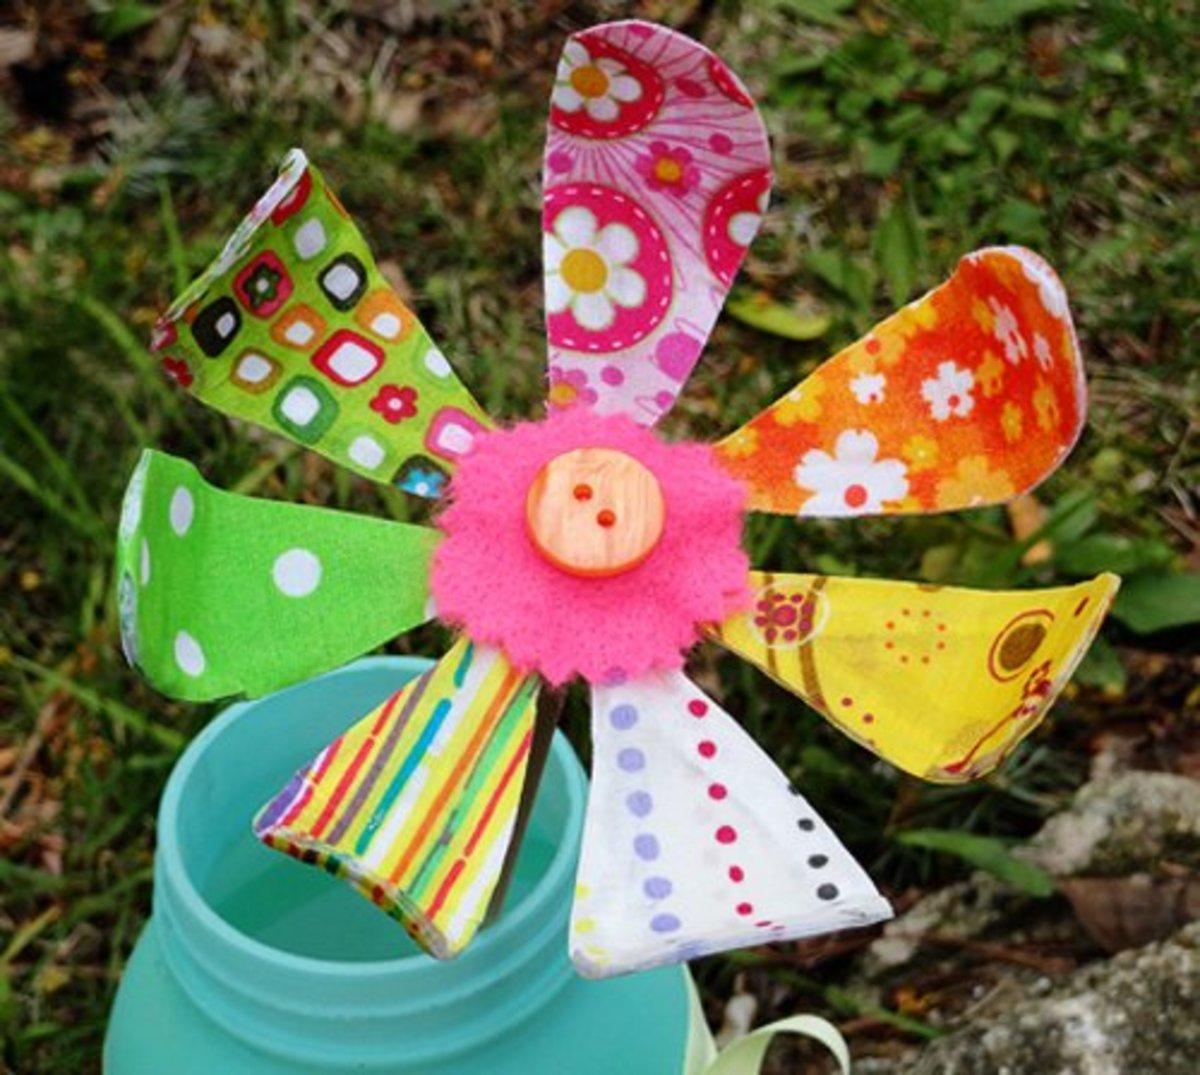 50 Amazing Craft Ideas For Seniors